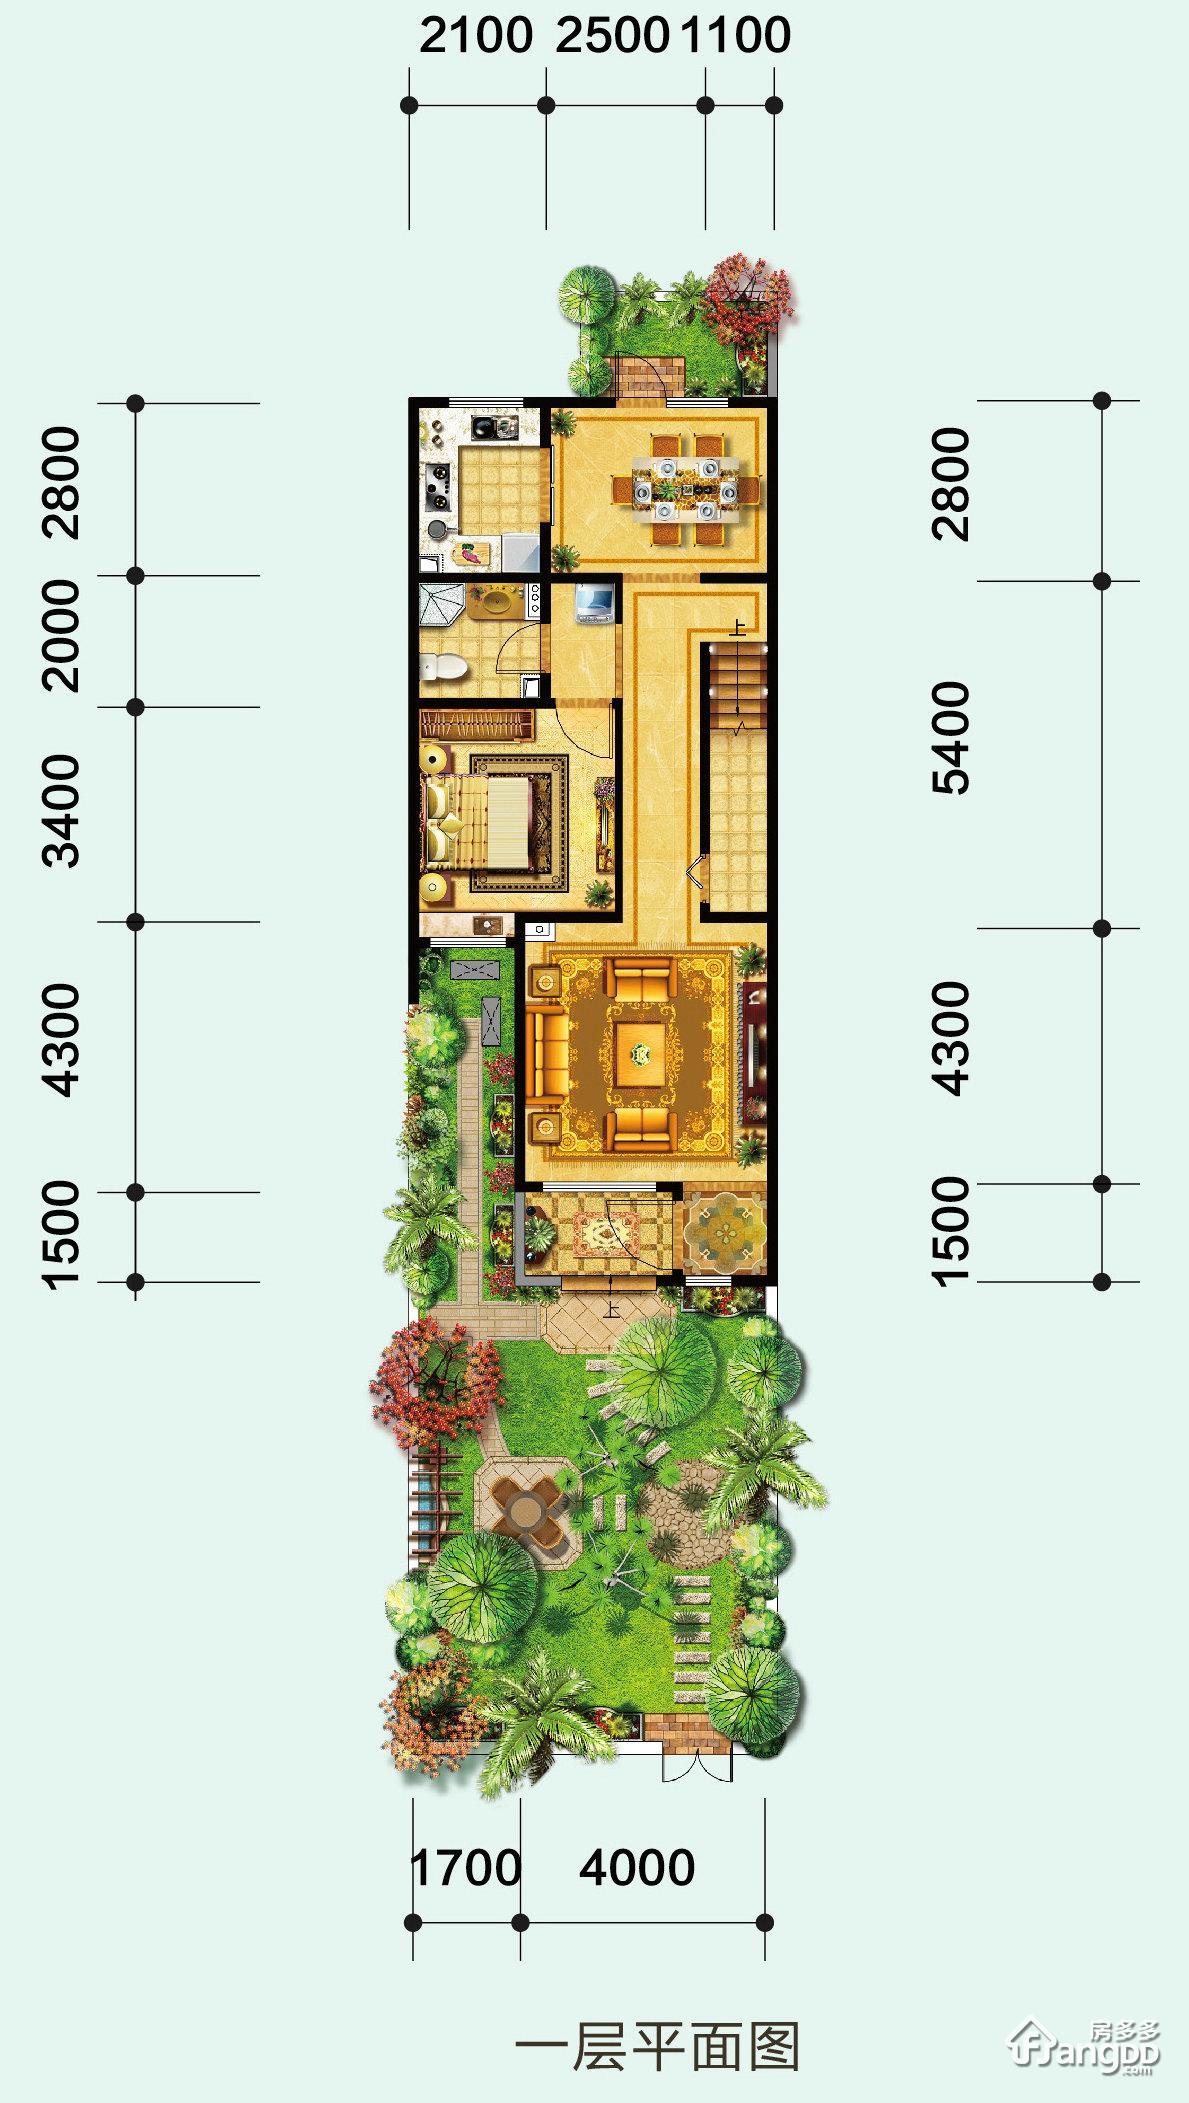 森林新都孔雀城3室2厅3卫户型图